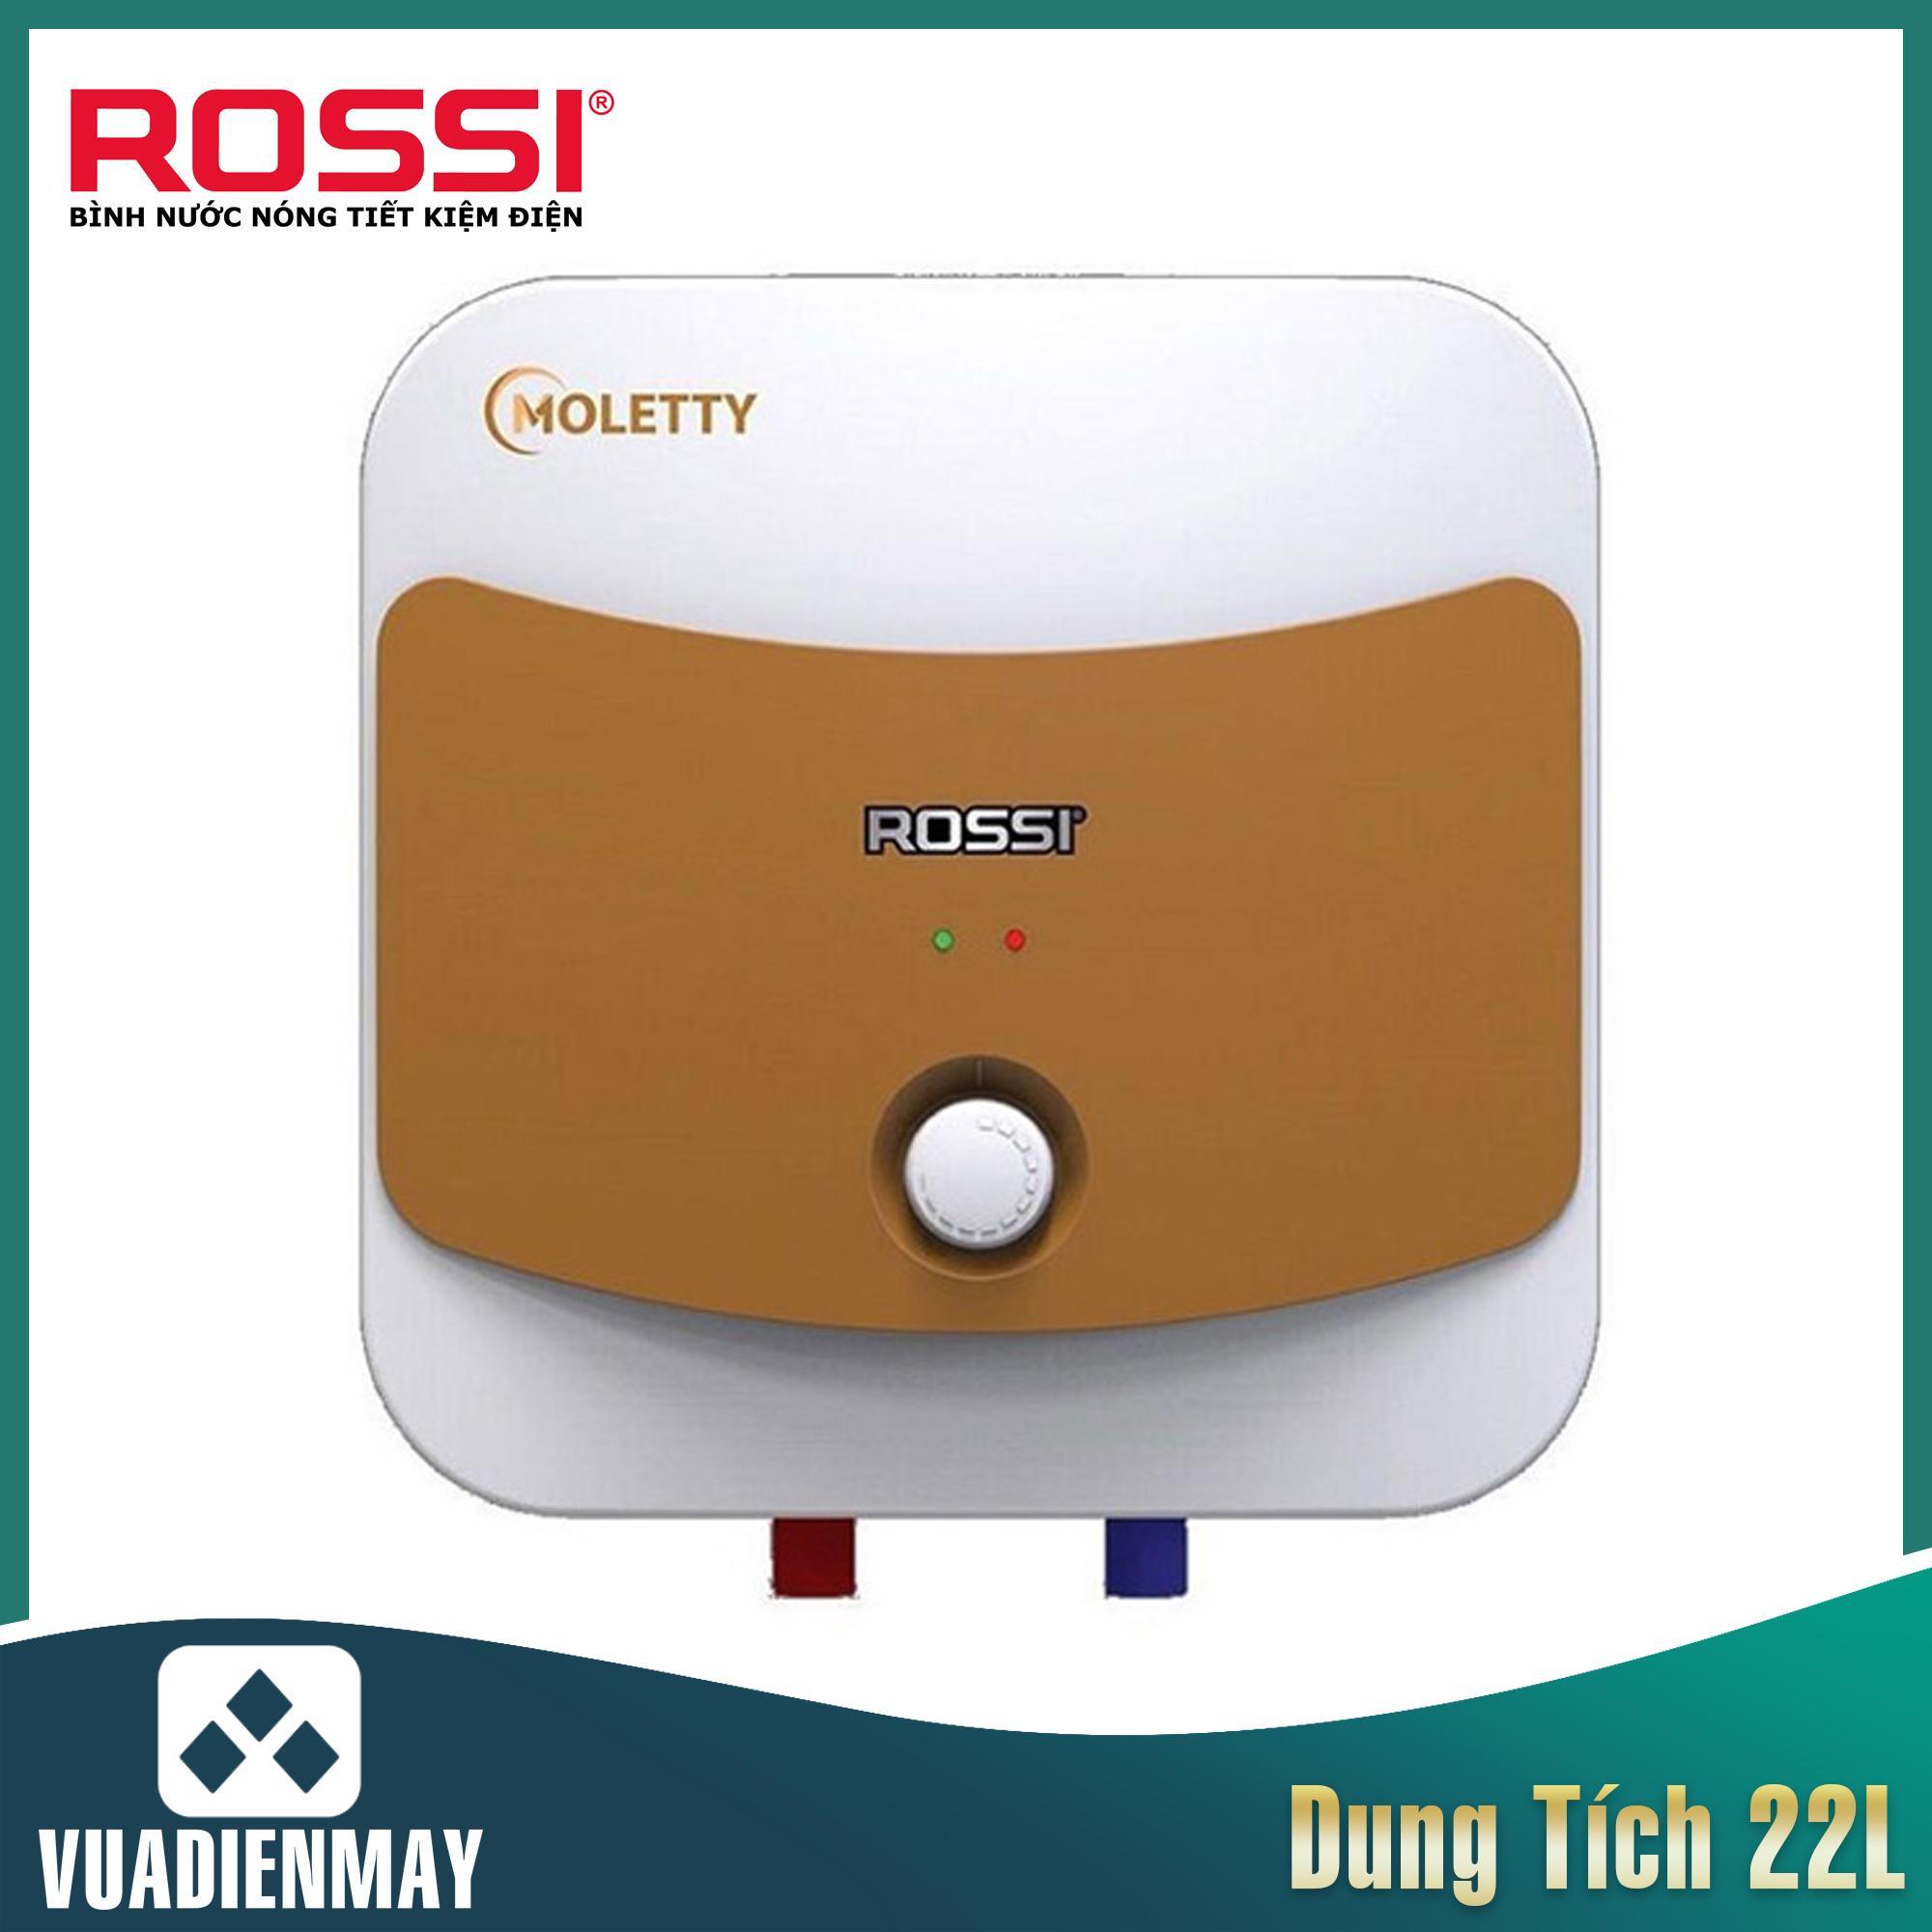 Bình nóng lạnh Rossi 22L Saphir Moletty